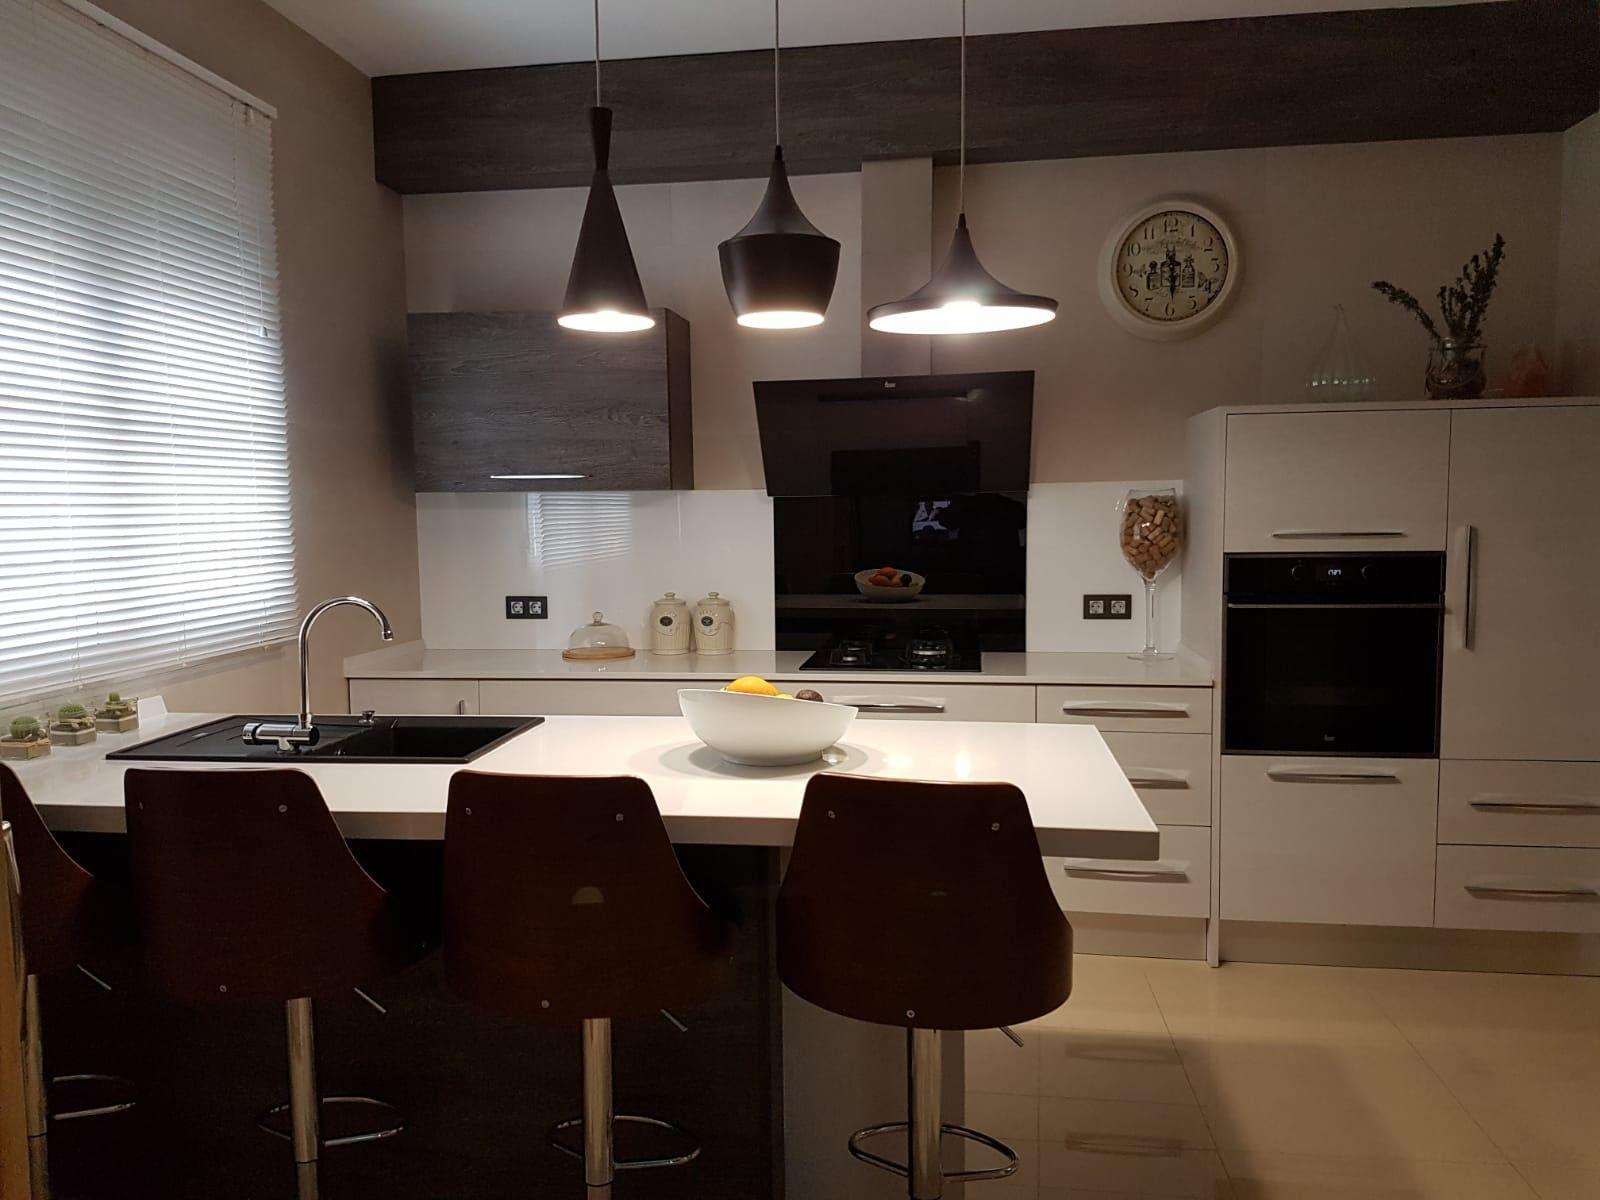 Foto 2 de Muebles de cocina en Media Legua | Muebles de Cocina Luis